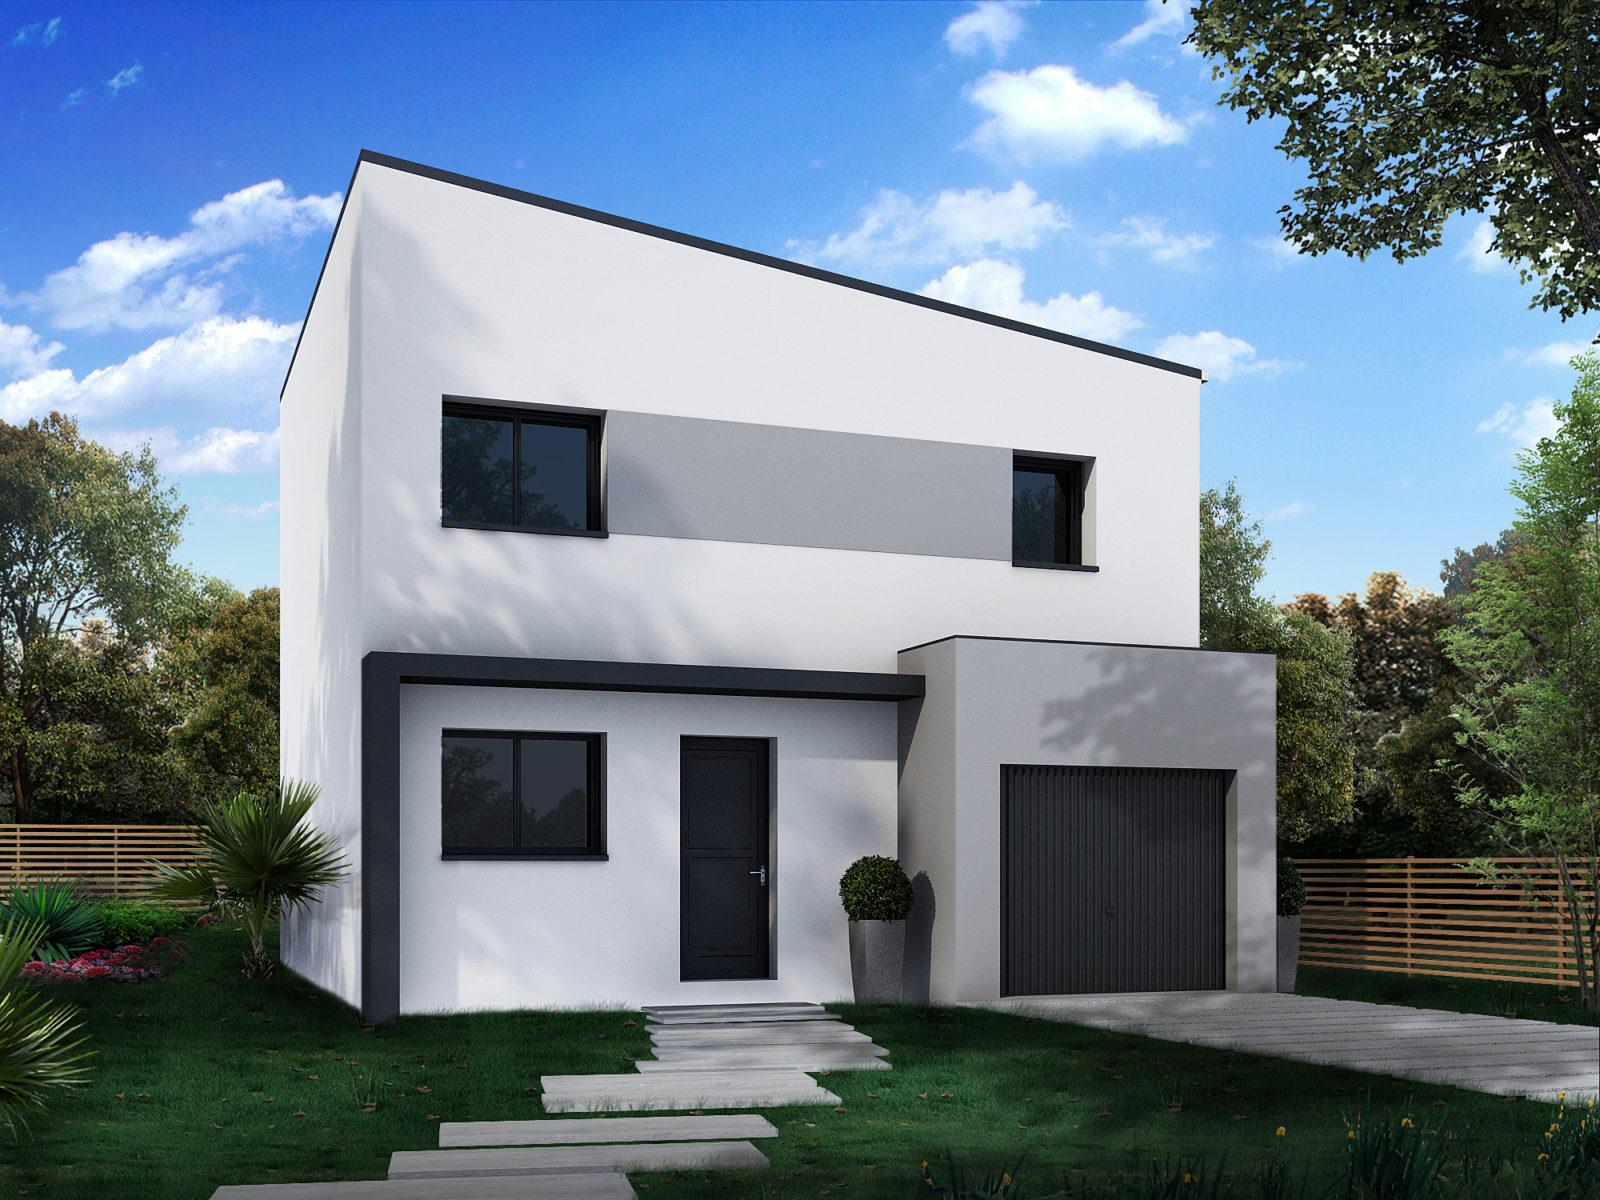 Axce 39 s 19 axce 39 s habitat constructeur de maison en for Constructeur maison bretagne